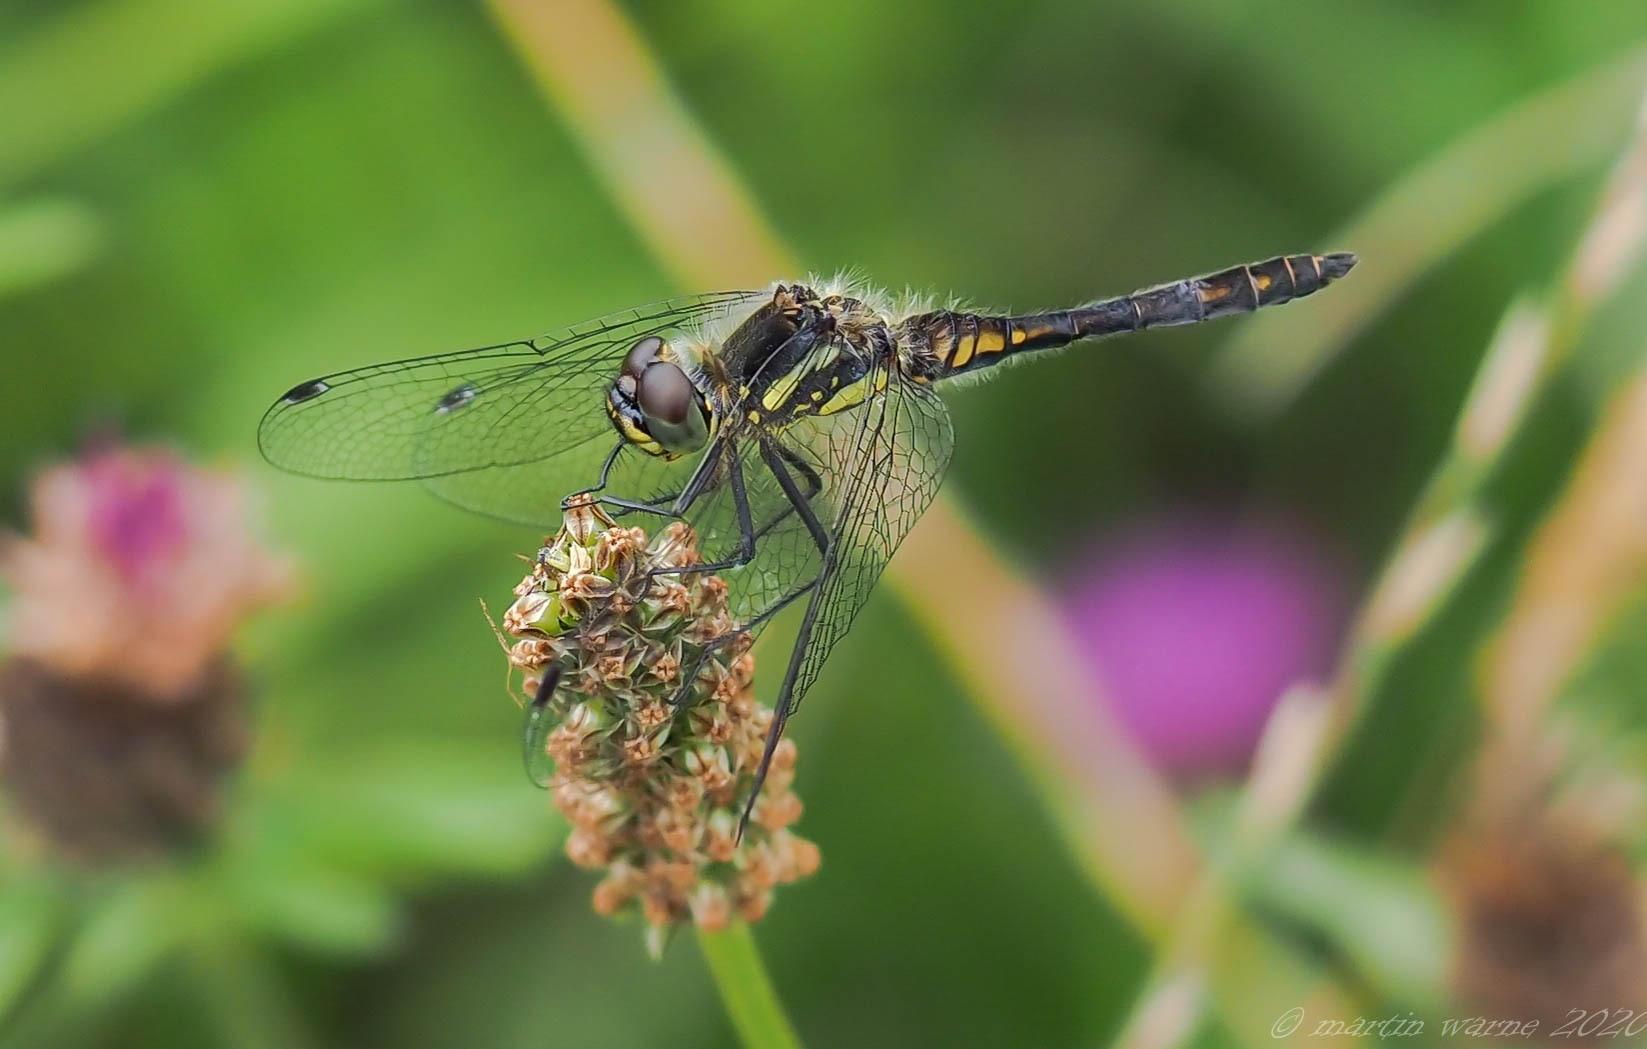 Sympetrum danae - Black Darter, Thorne Moor